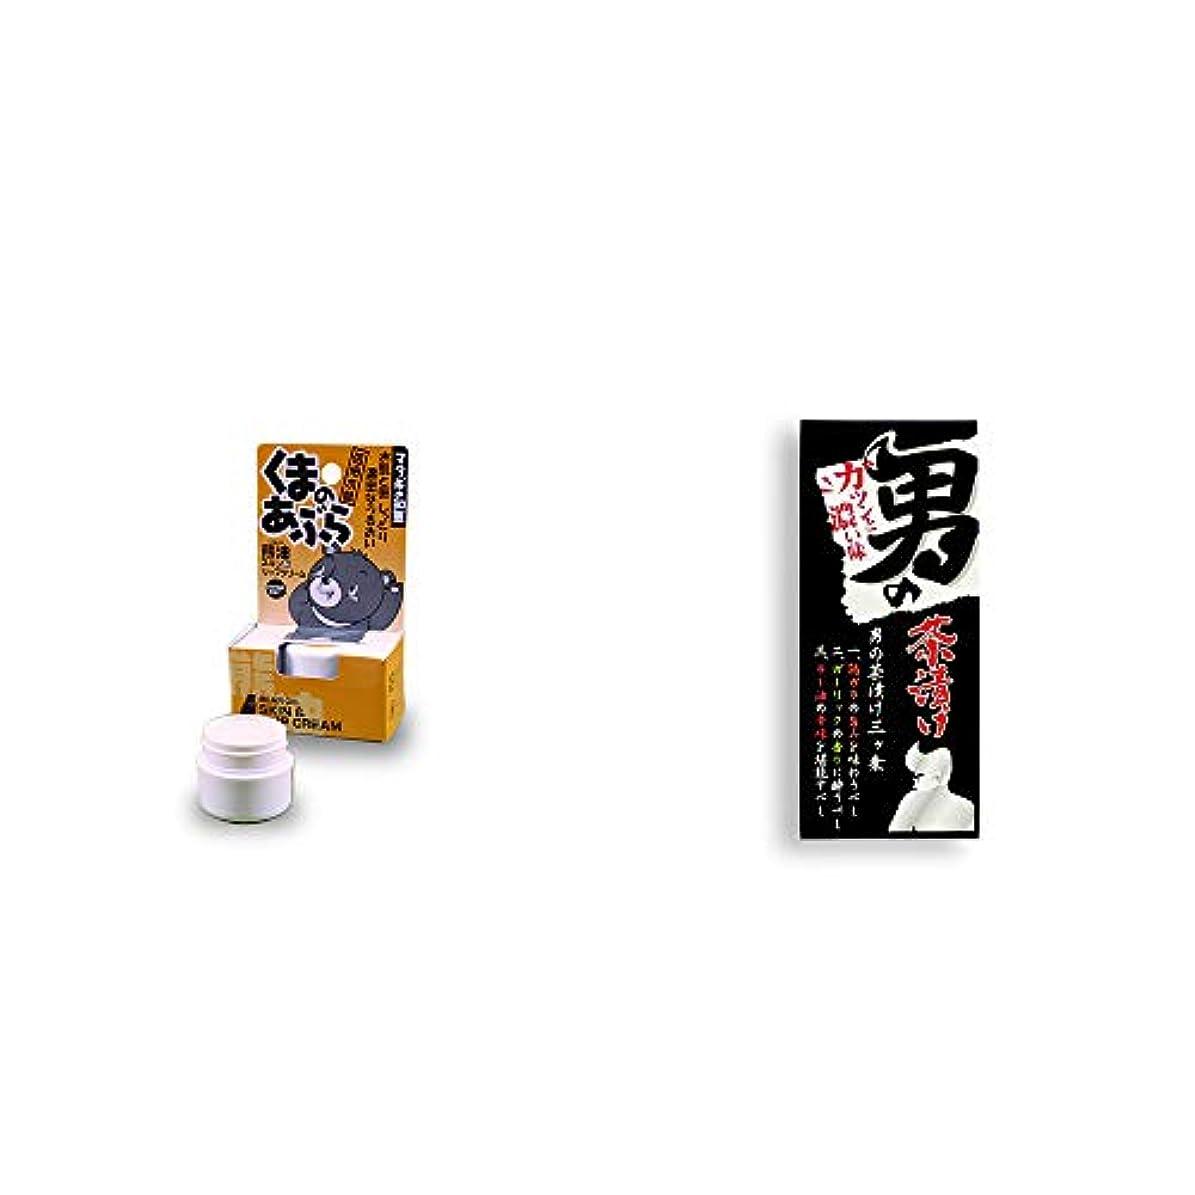 混乱させるエラーサイト[2点セット] 信州木曽 くまのあぶら 熊油スキン&リップクリーム(9g)?男の茶漬け(4.8g×8袋)